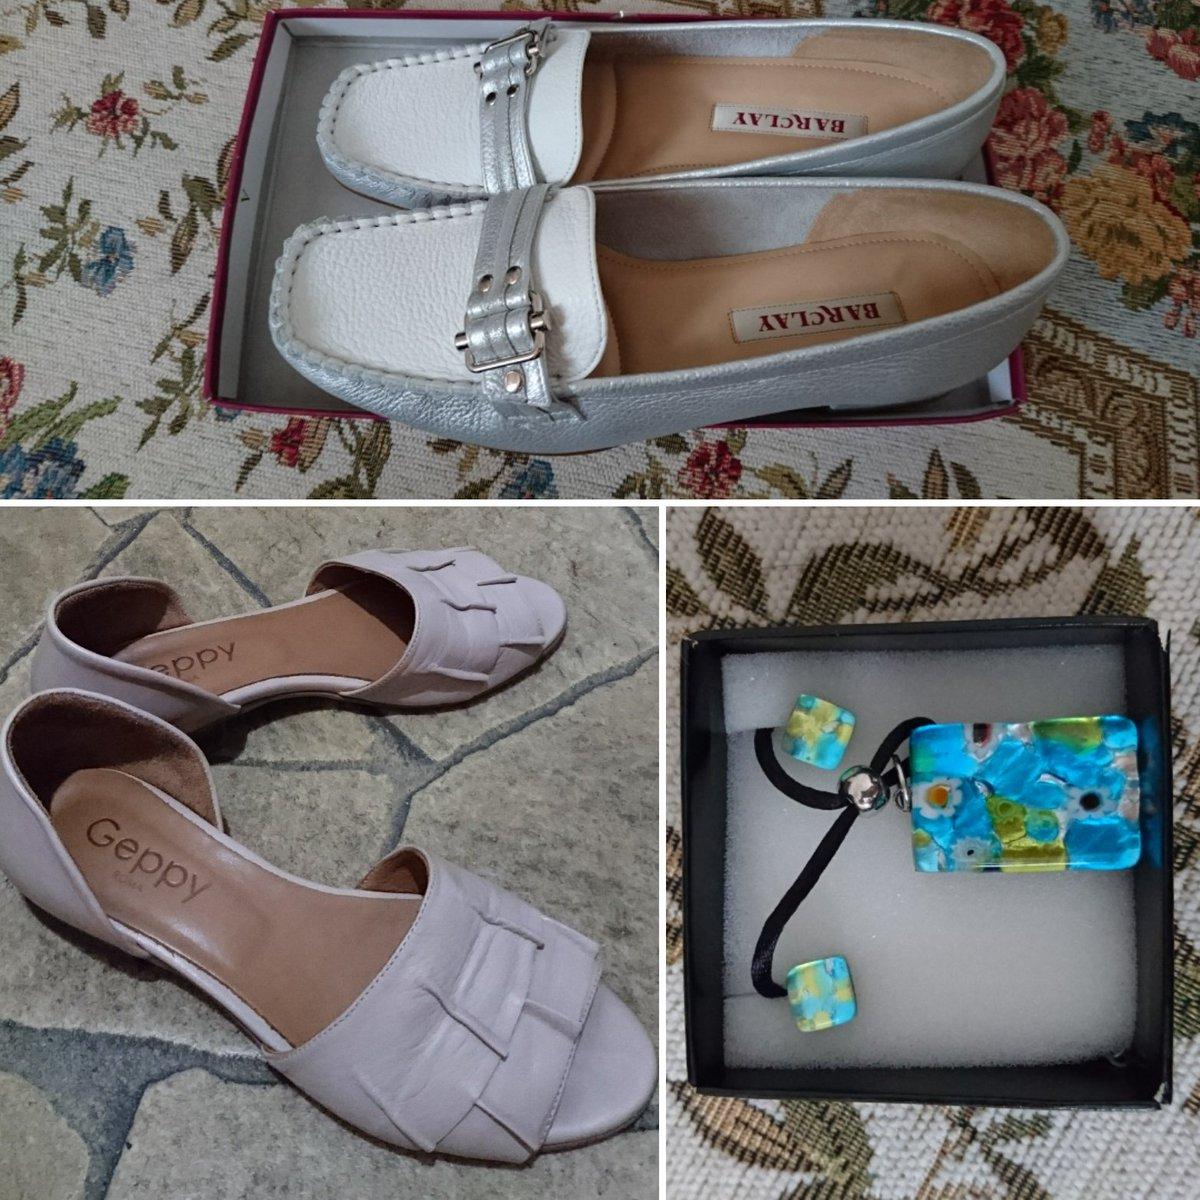 気を取り直して最近購入したもの。ワンピースとロングカーディガン以外でね。 上が日本のセールで買った靴です。色も形もお気に入り。 左下がローマで買った革靴で、店員さんセレクト。 右下はヴェネツィアで買ったネックレスとピアス。あえてPCちょっと外してます。